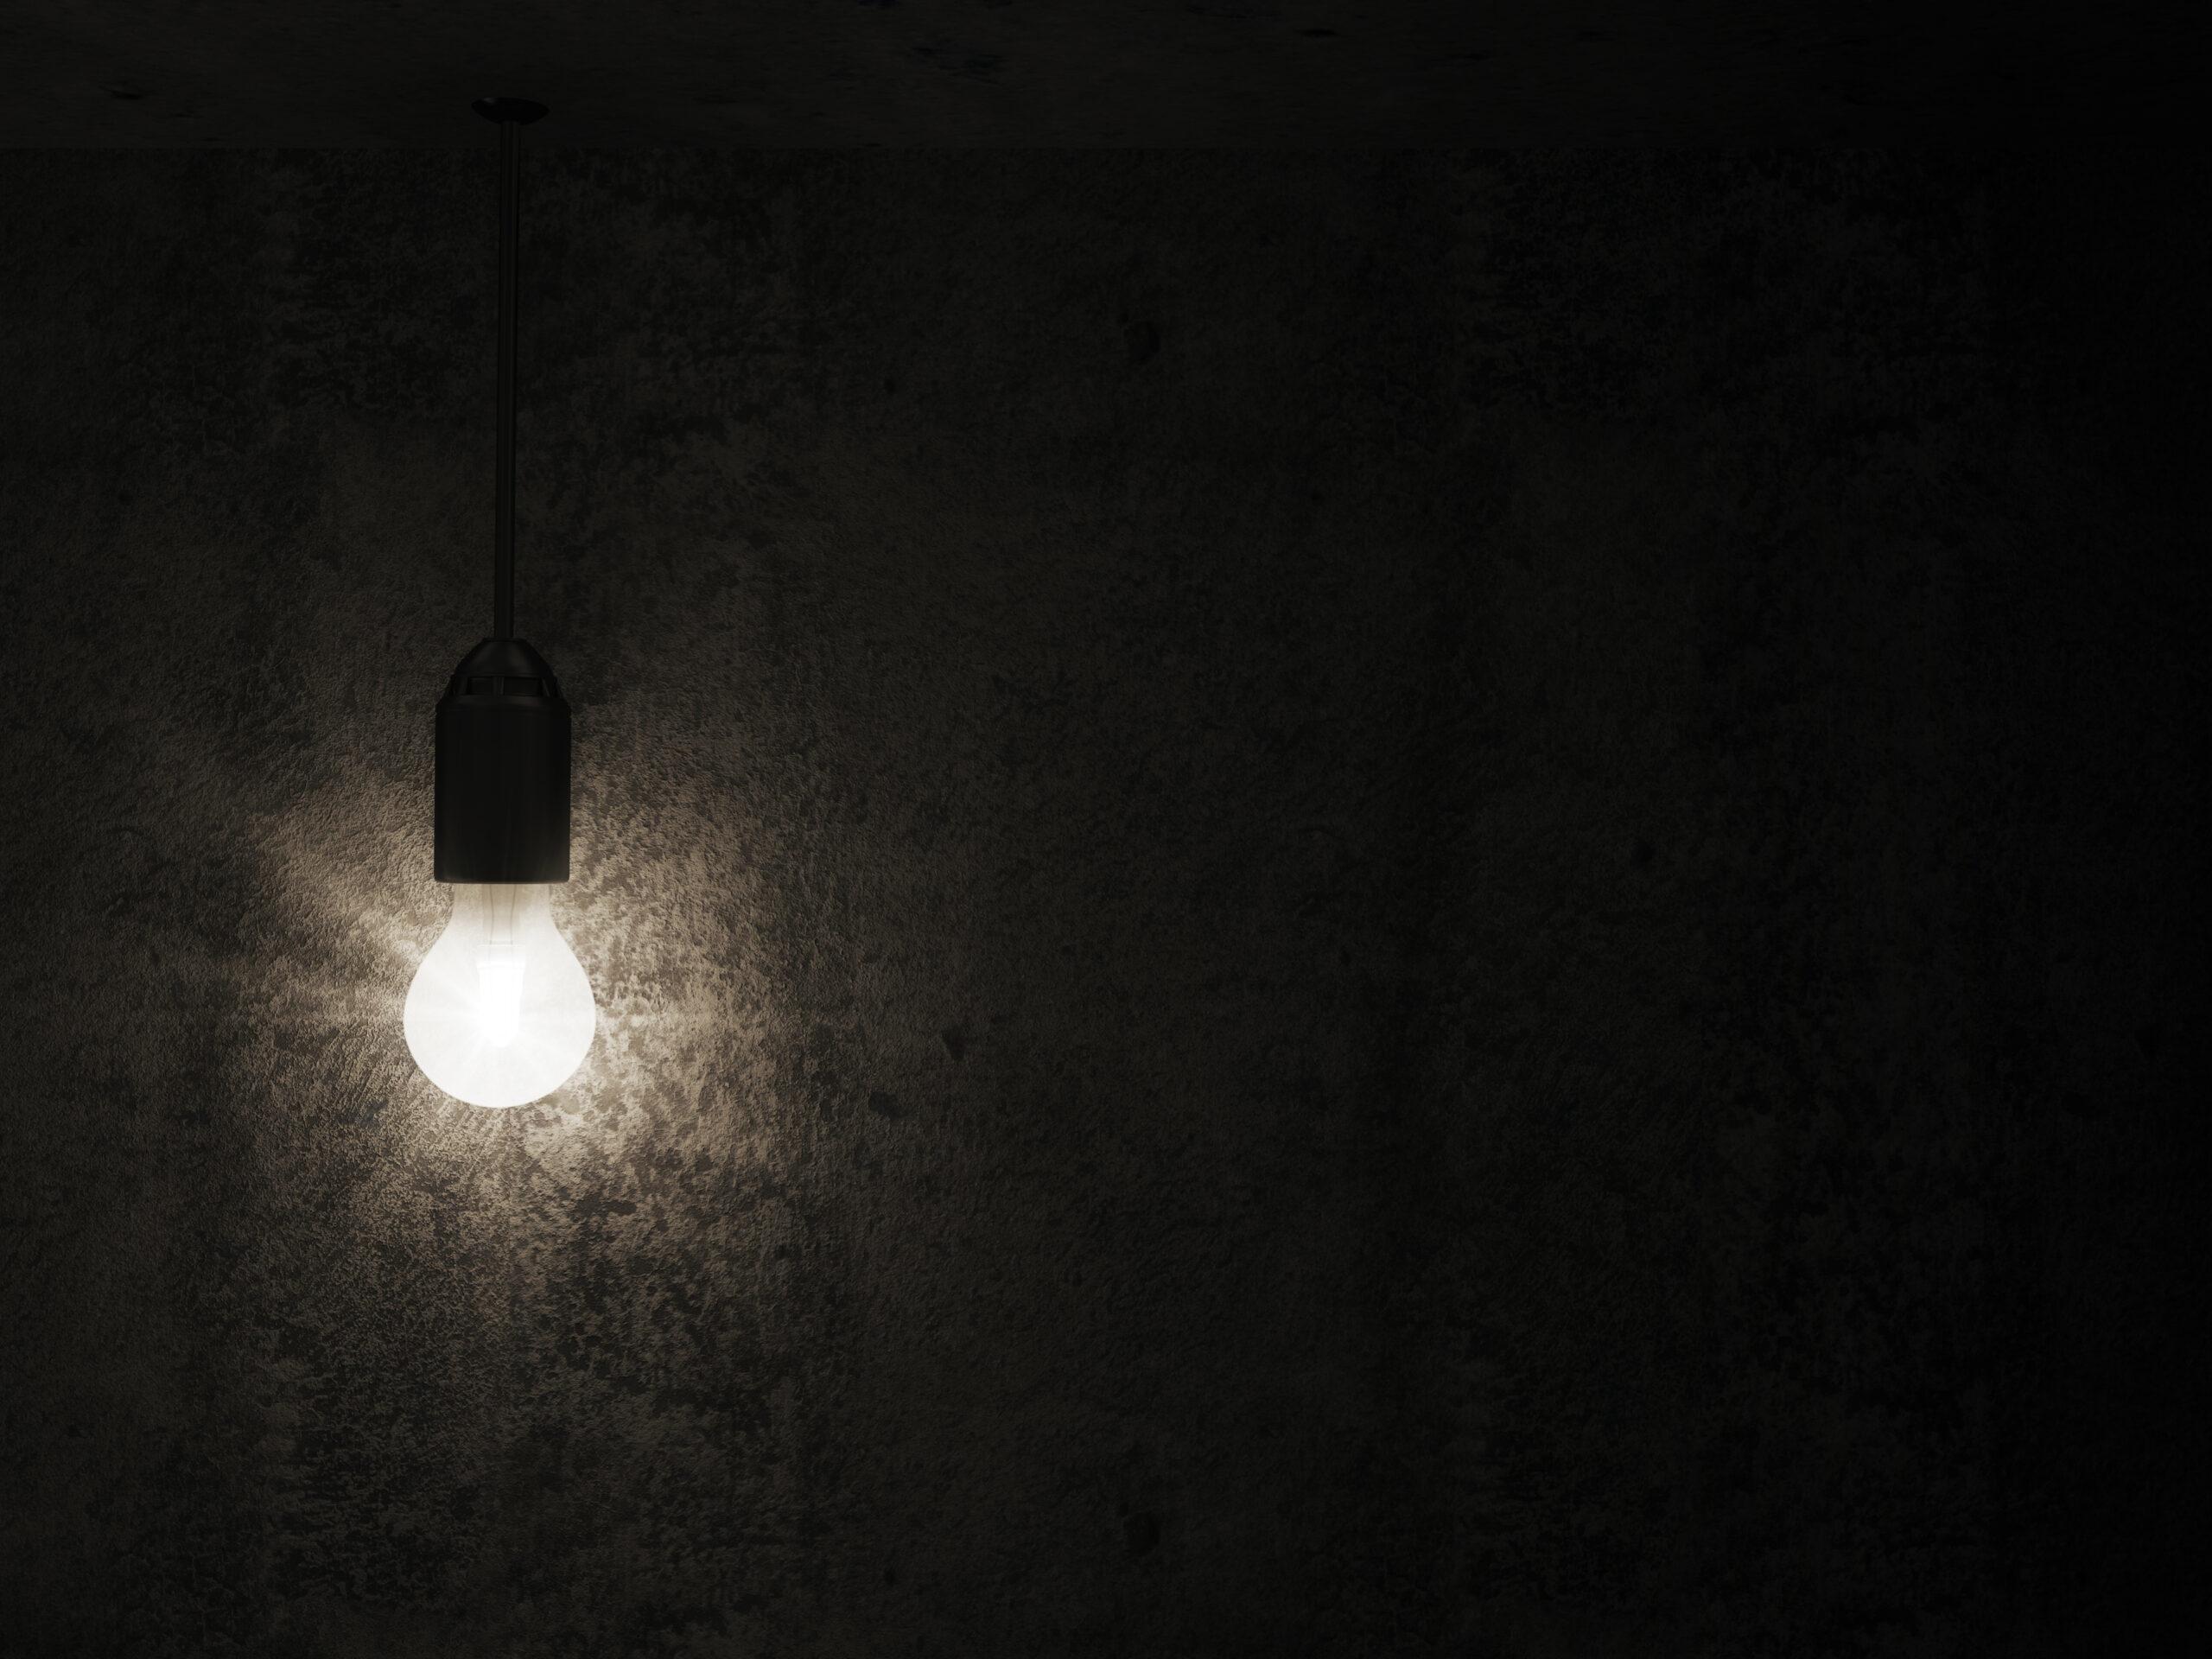 緊急用ライトにも?